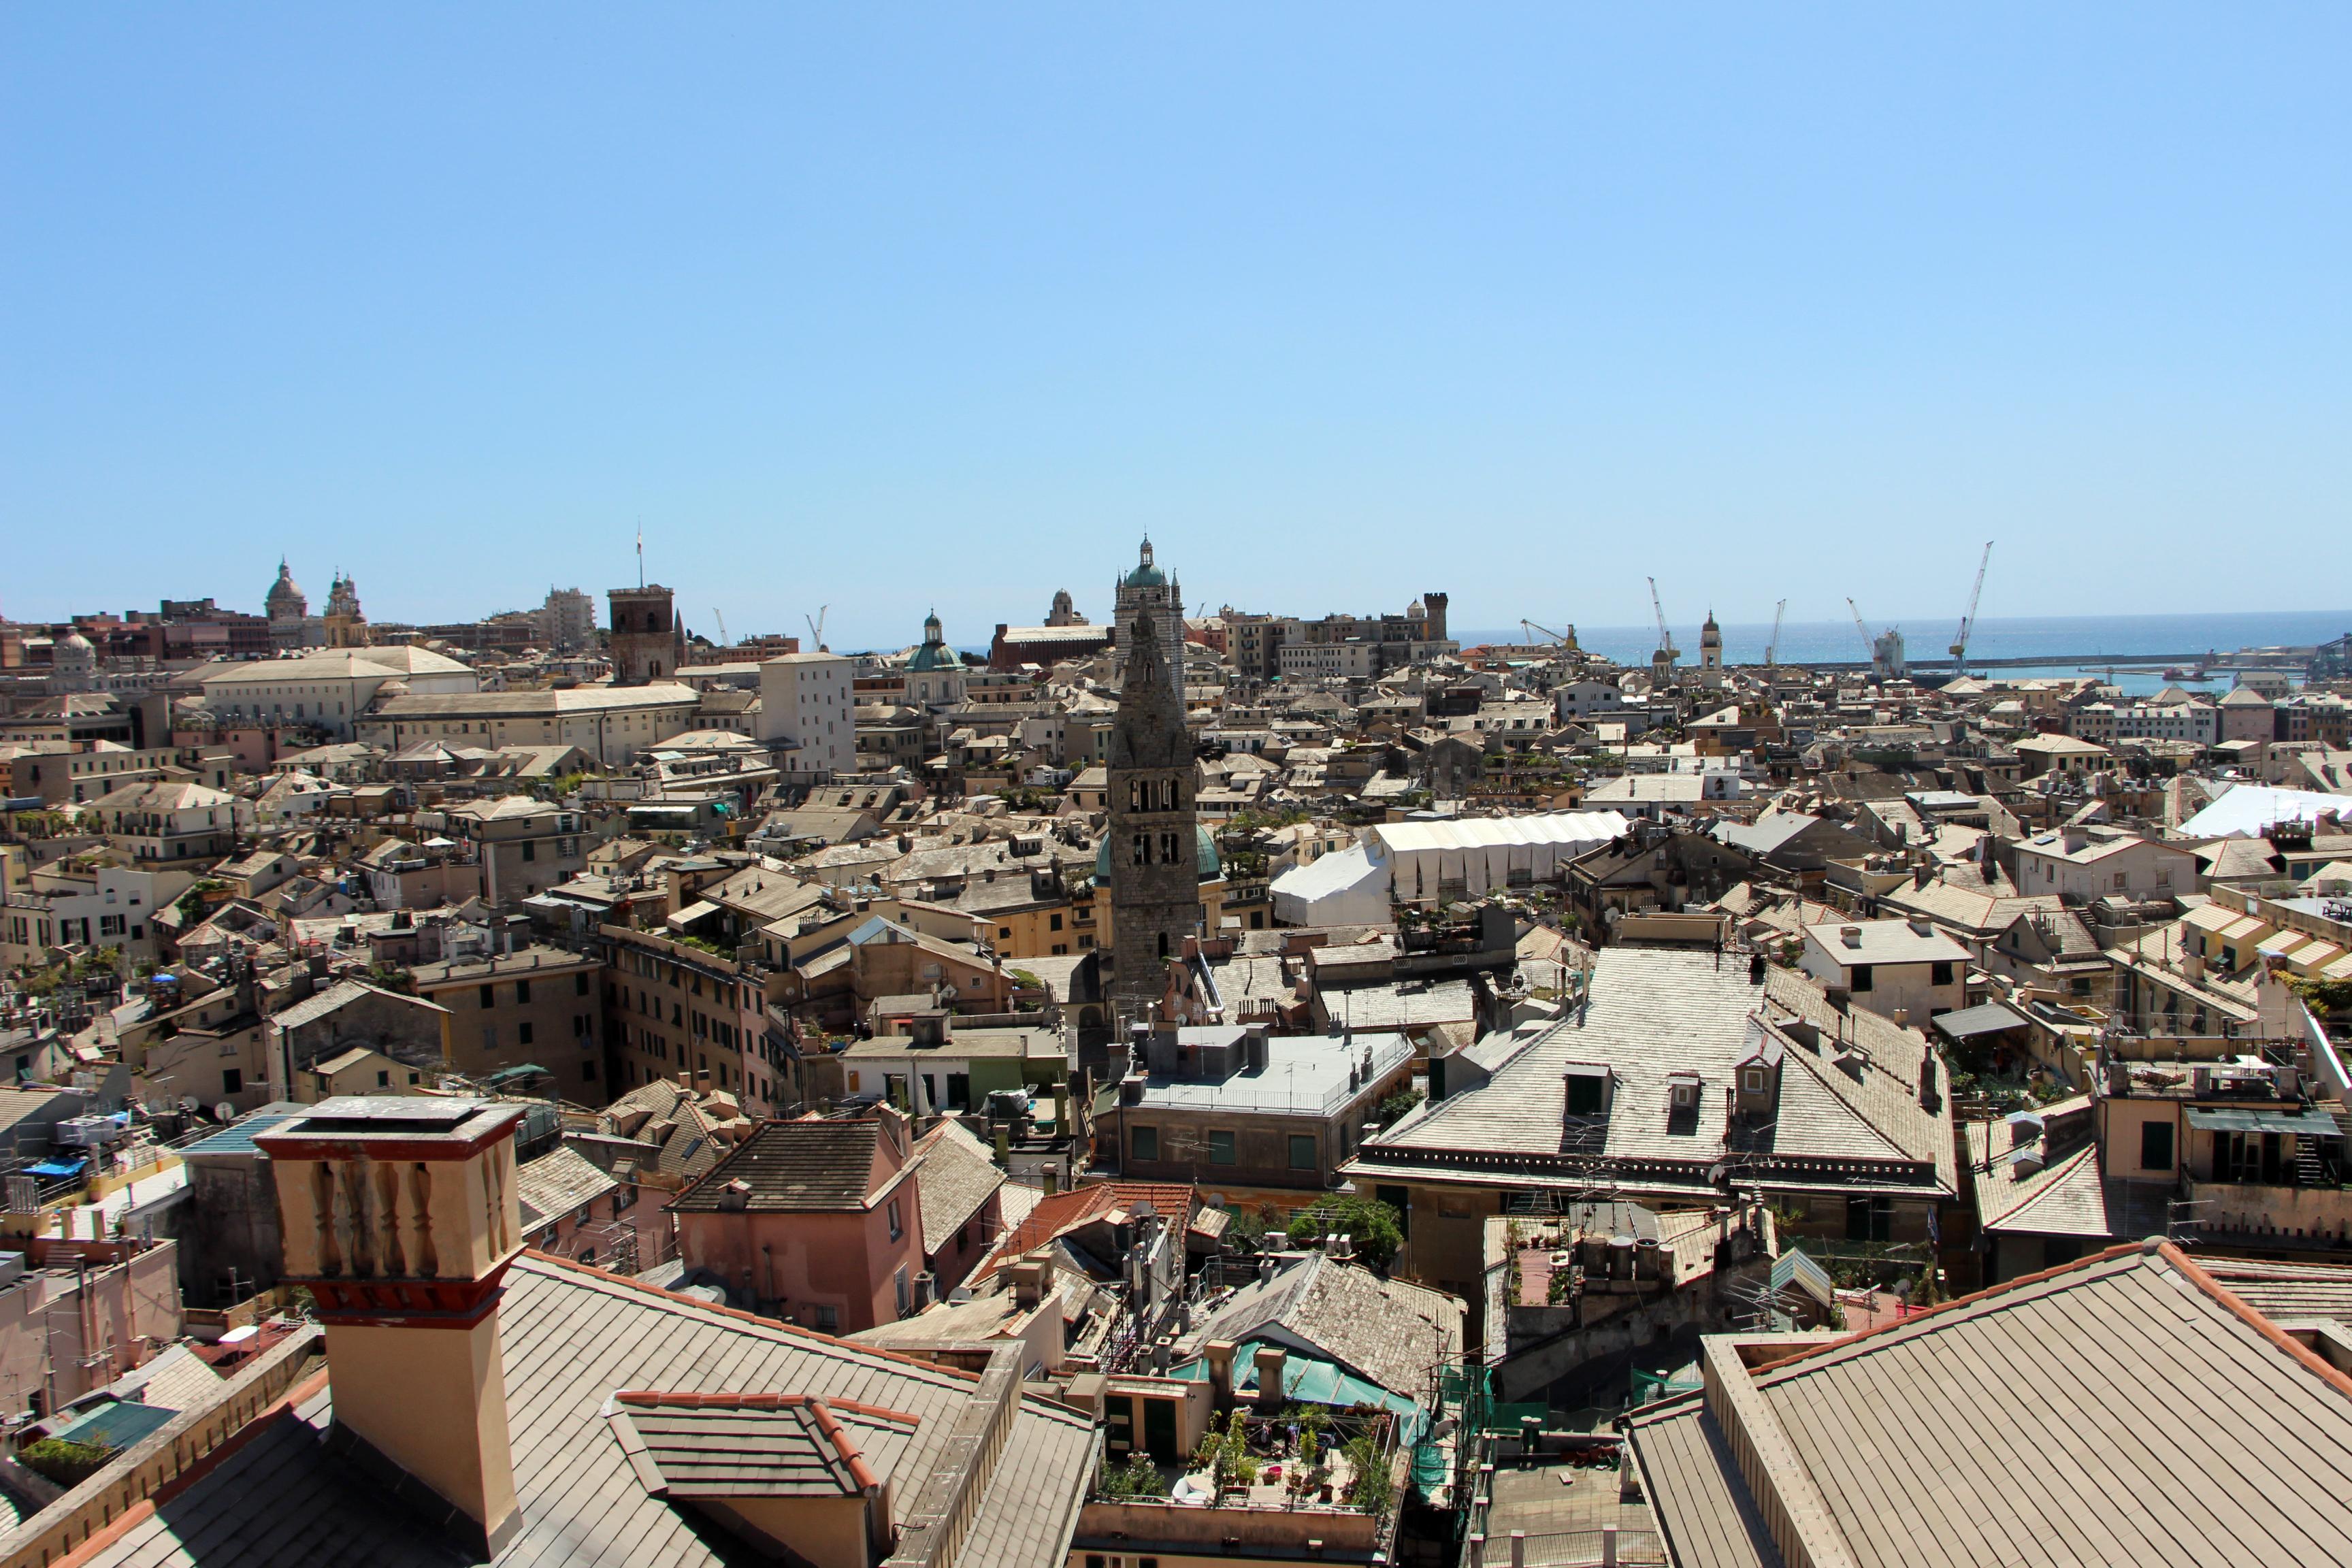 File:Terrazza di palazzo rosso, genova, veduta, 01.JPG - Wikimedia ...